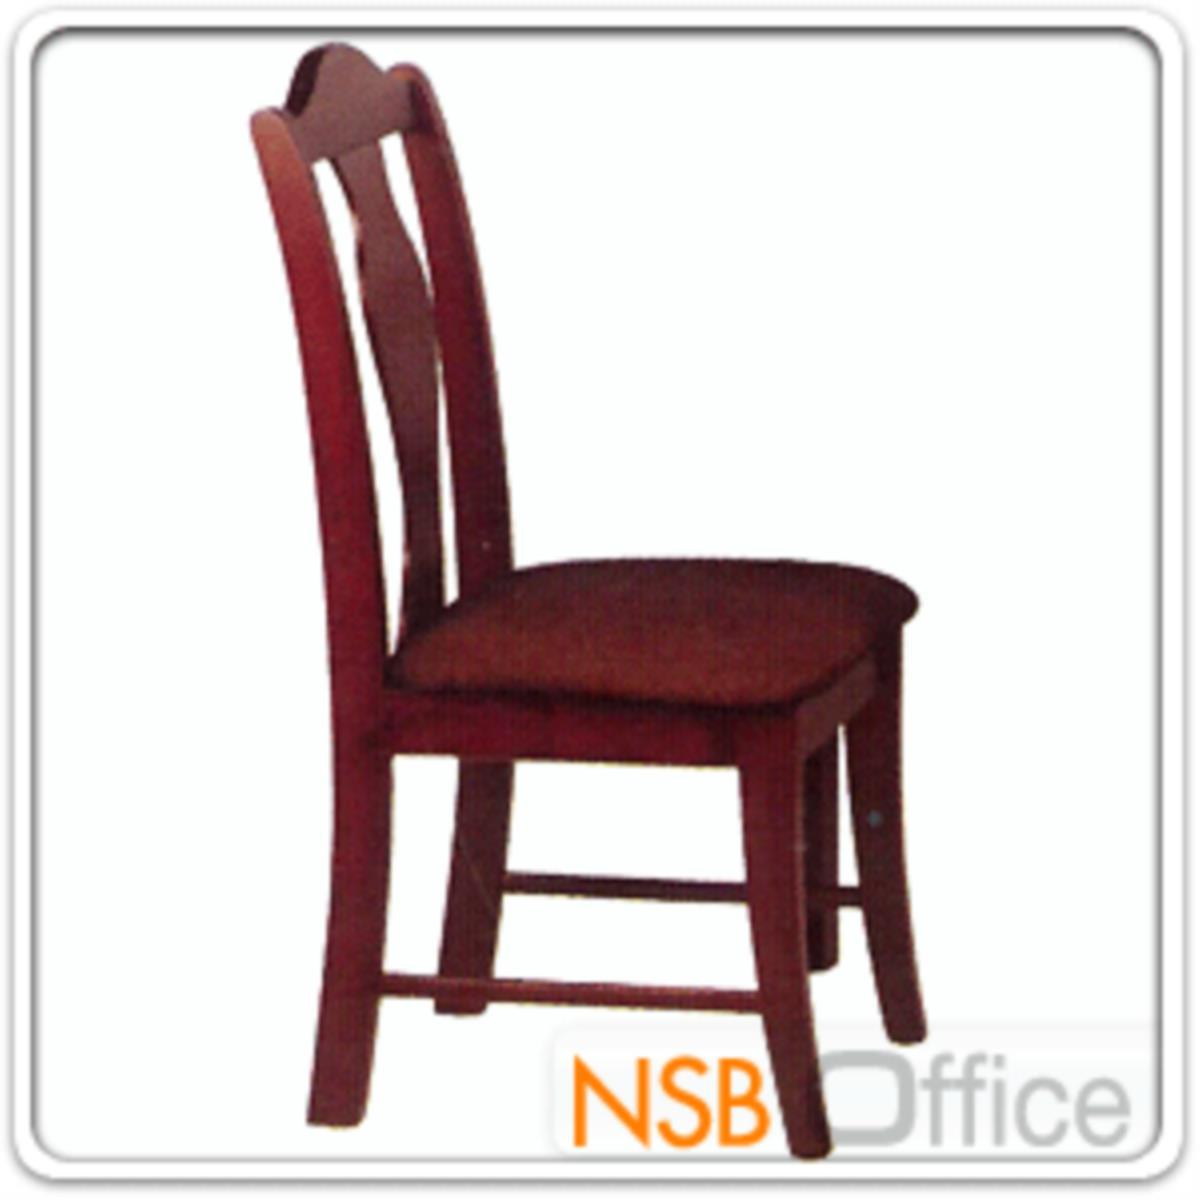 เก้าอี้ไม้ยางพาราที่นั่งหุ้มหนังเทียม  รุ่น Webster (เว็บสเตอร์) ขาไม้